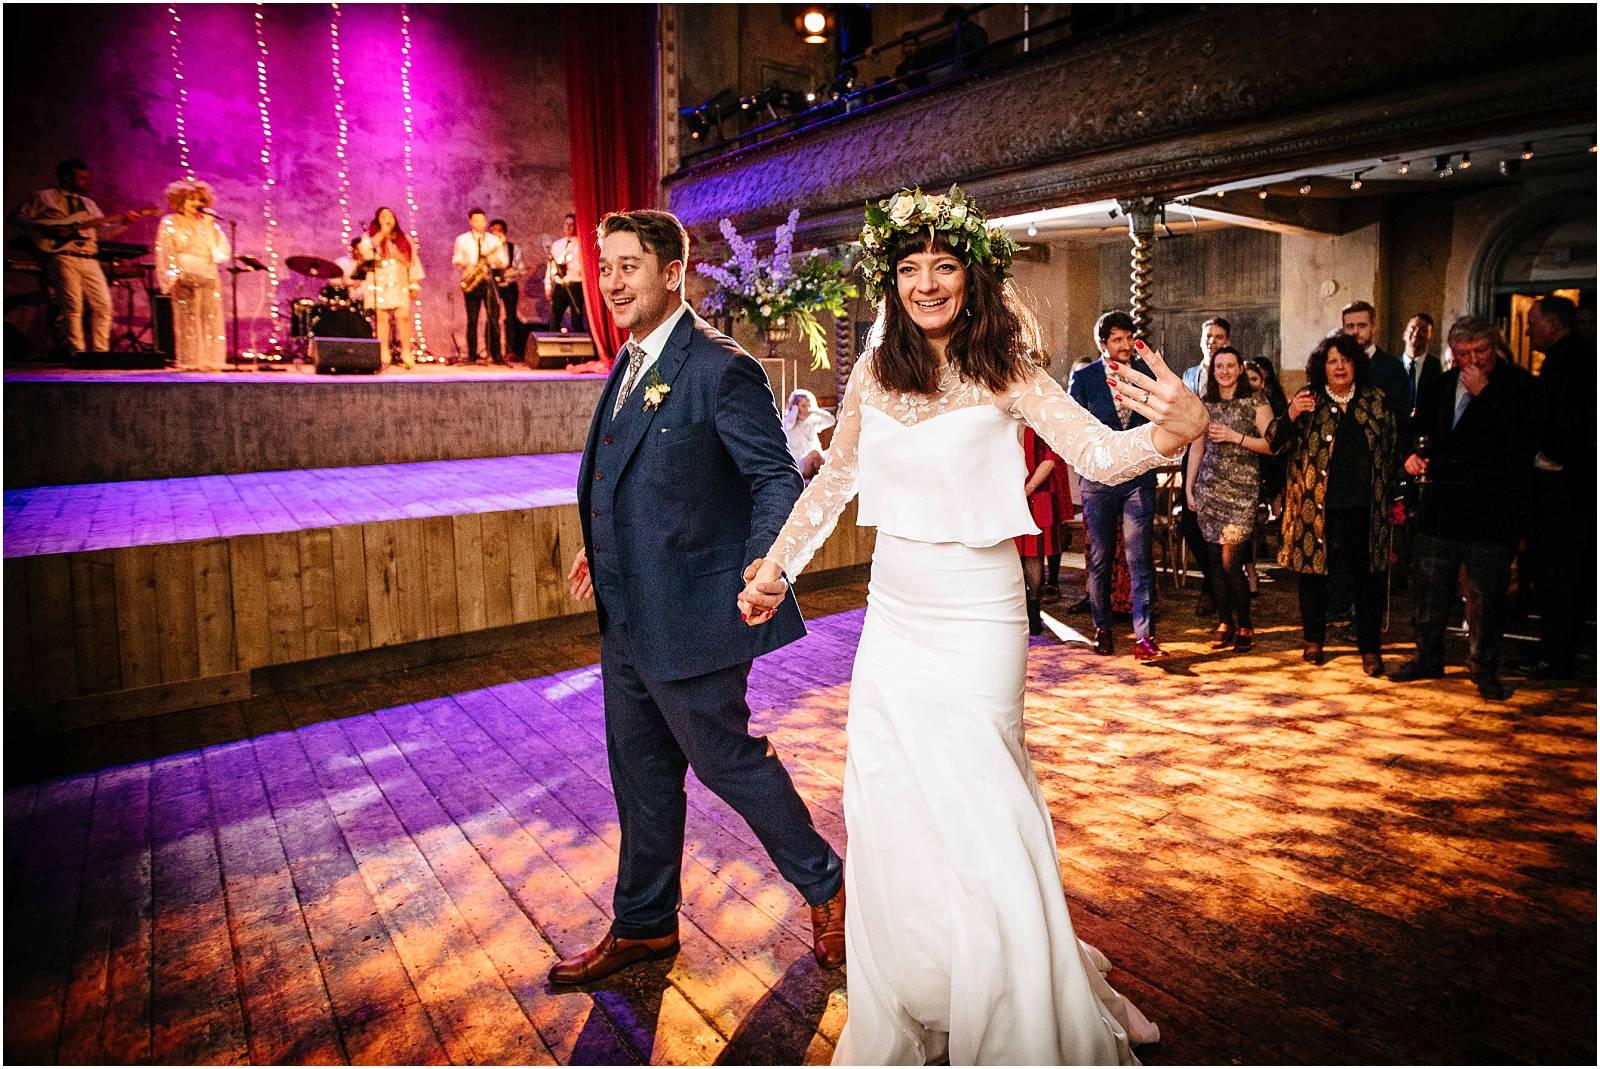 stunning bride with flower crown